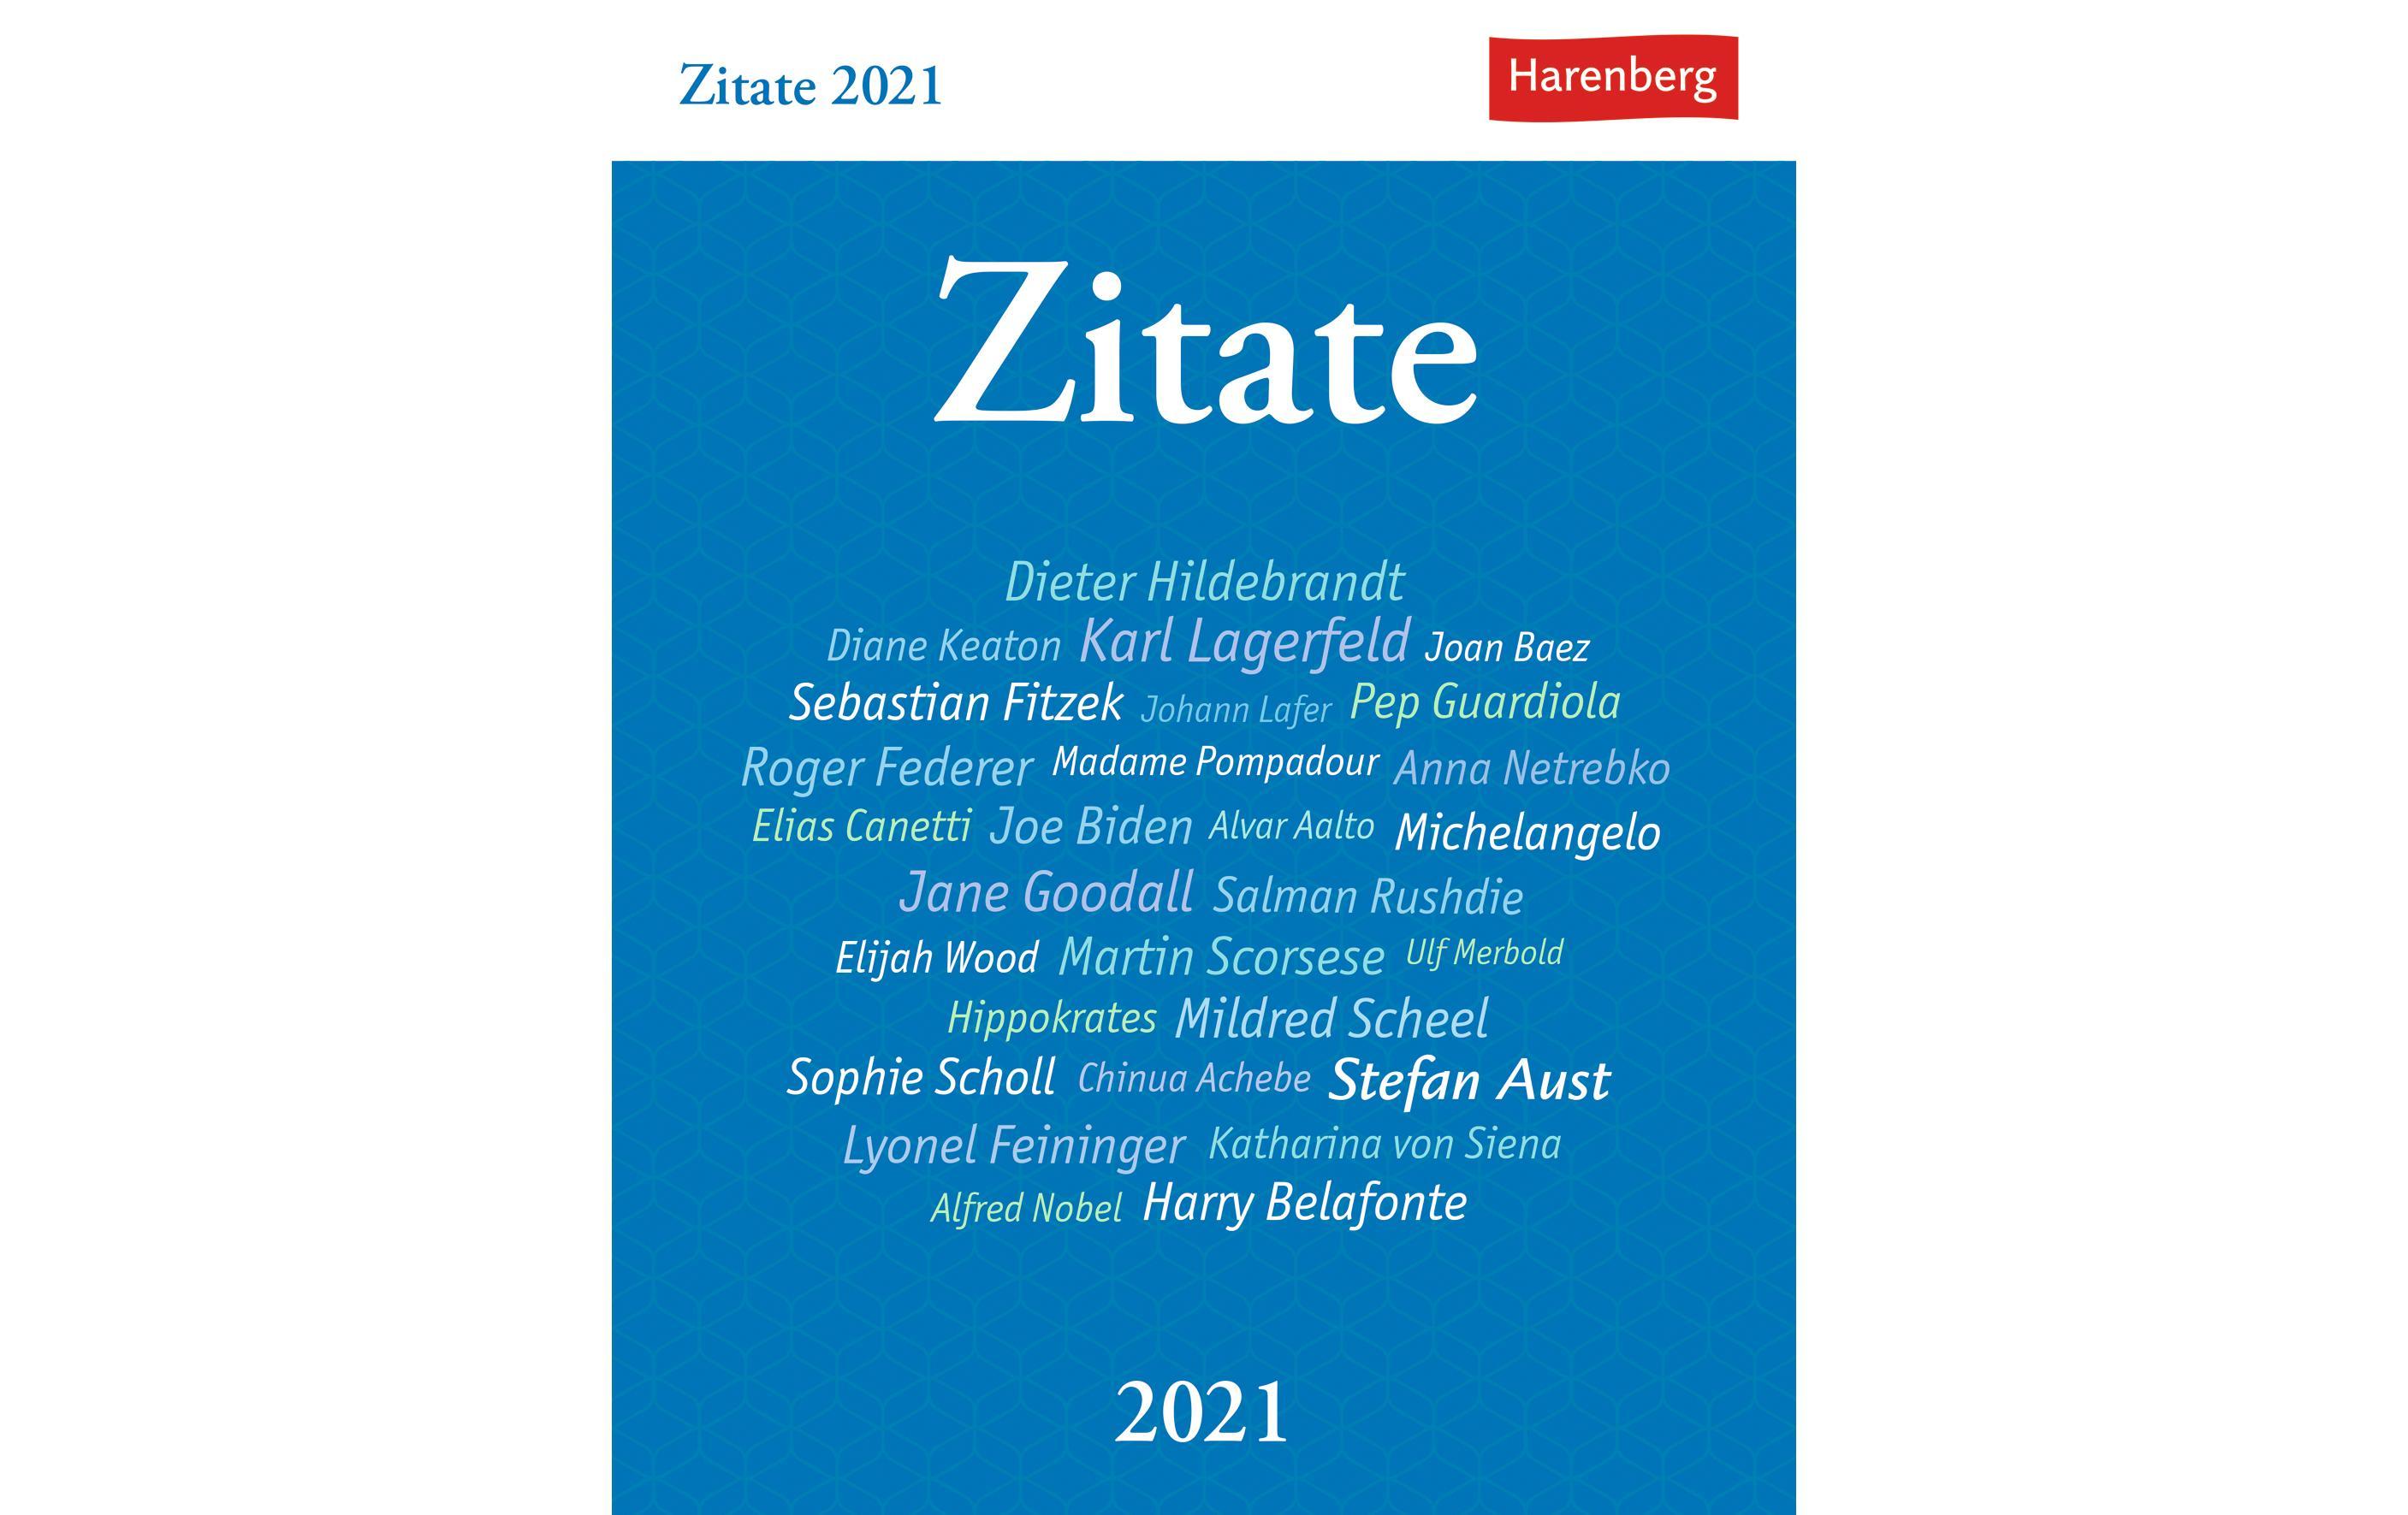 Harenberg Kalender Zitate 2021